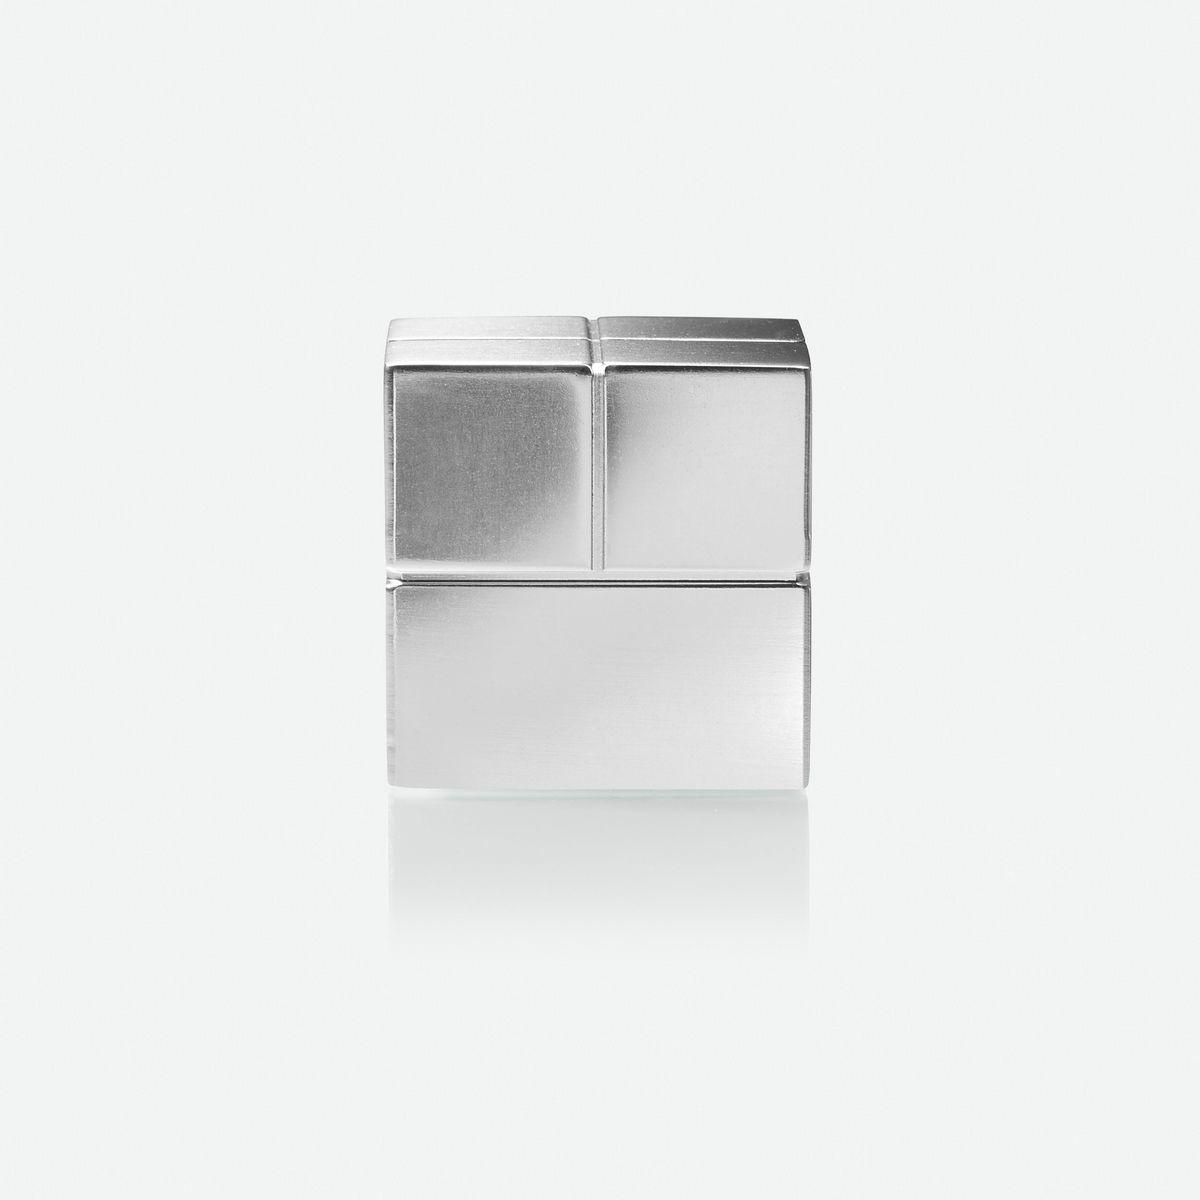 Sigel GL706 Board magnet